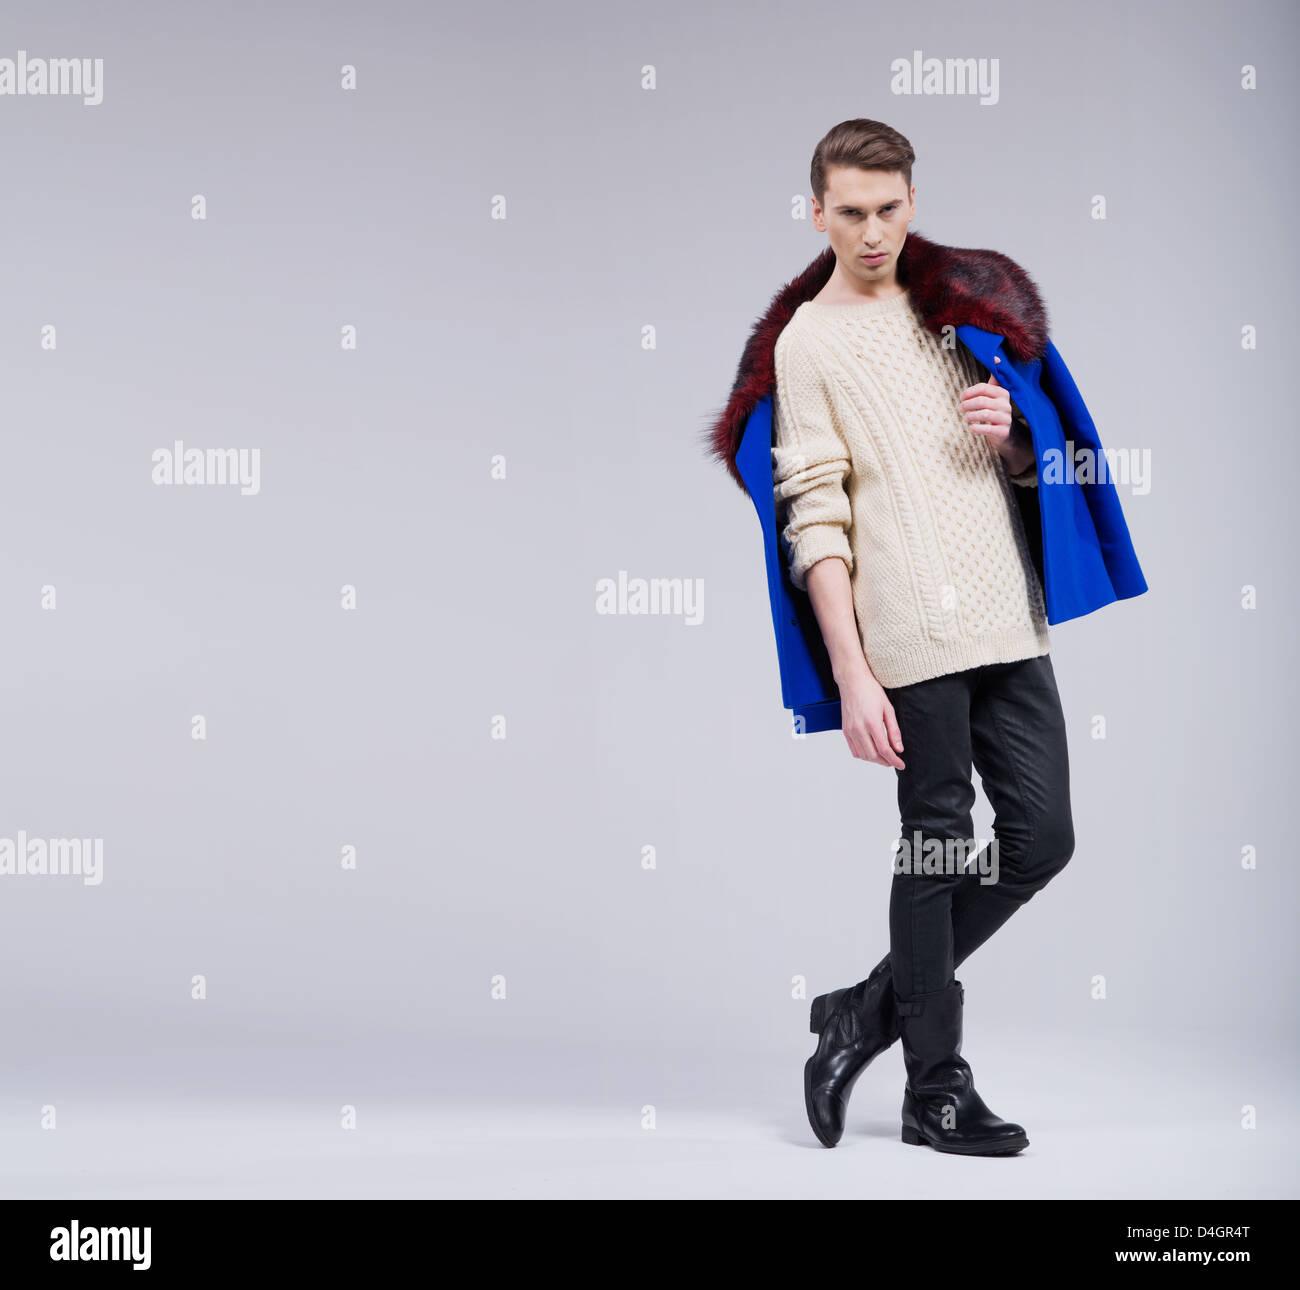 Slim seria chico en pose natural Imagen De Stock